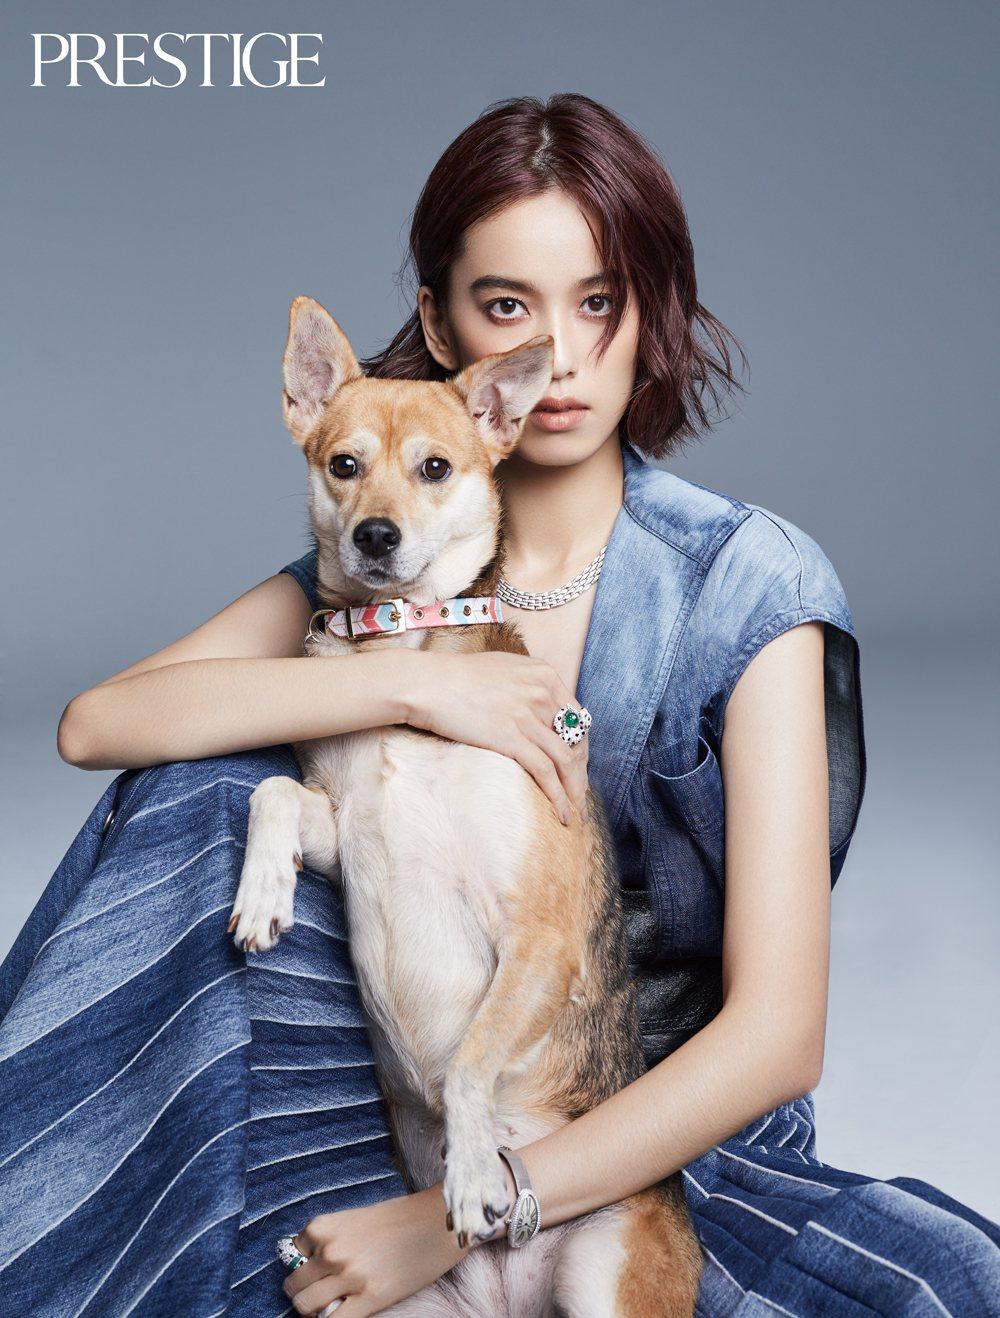 卡地亞珠寶形象大使陳庭妮與愛犬Chelsea配戴卡地亞珠寶、穿Dior登上雜誌封...